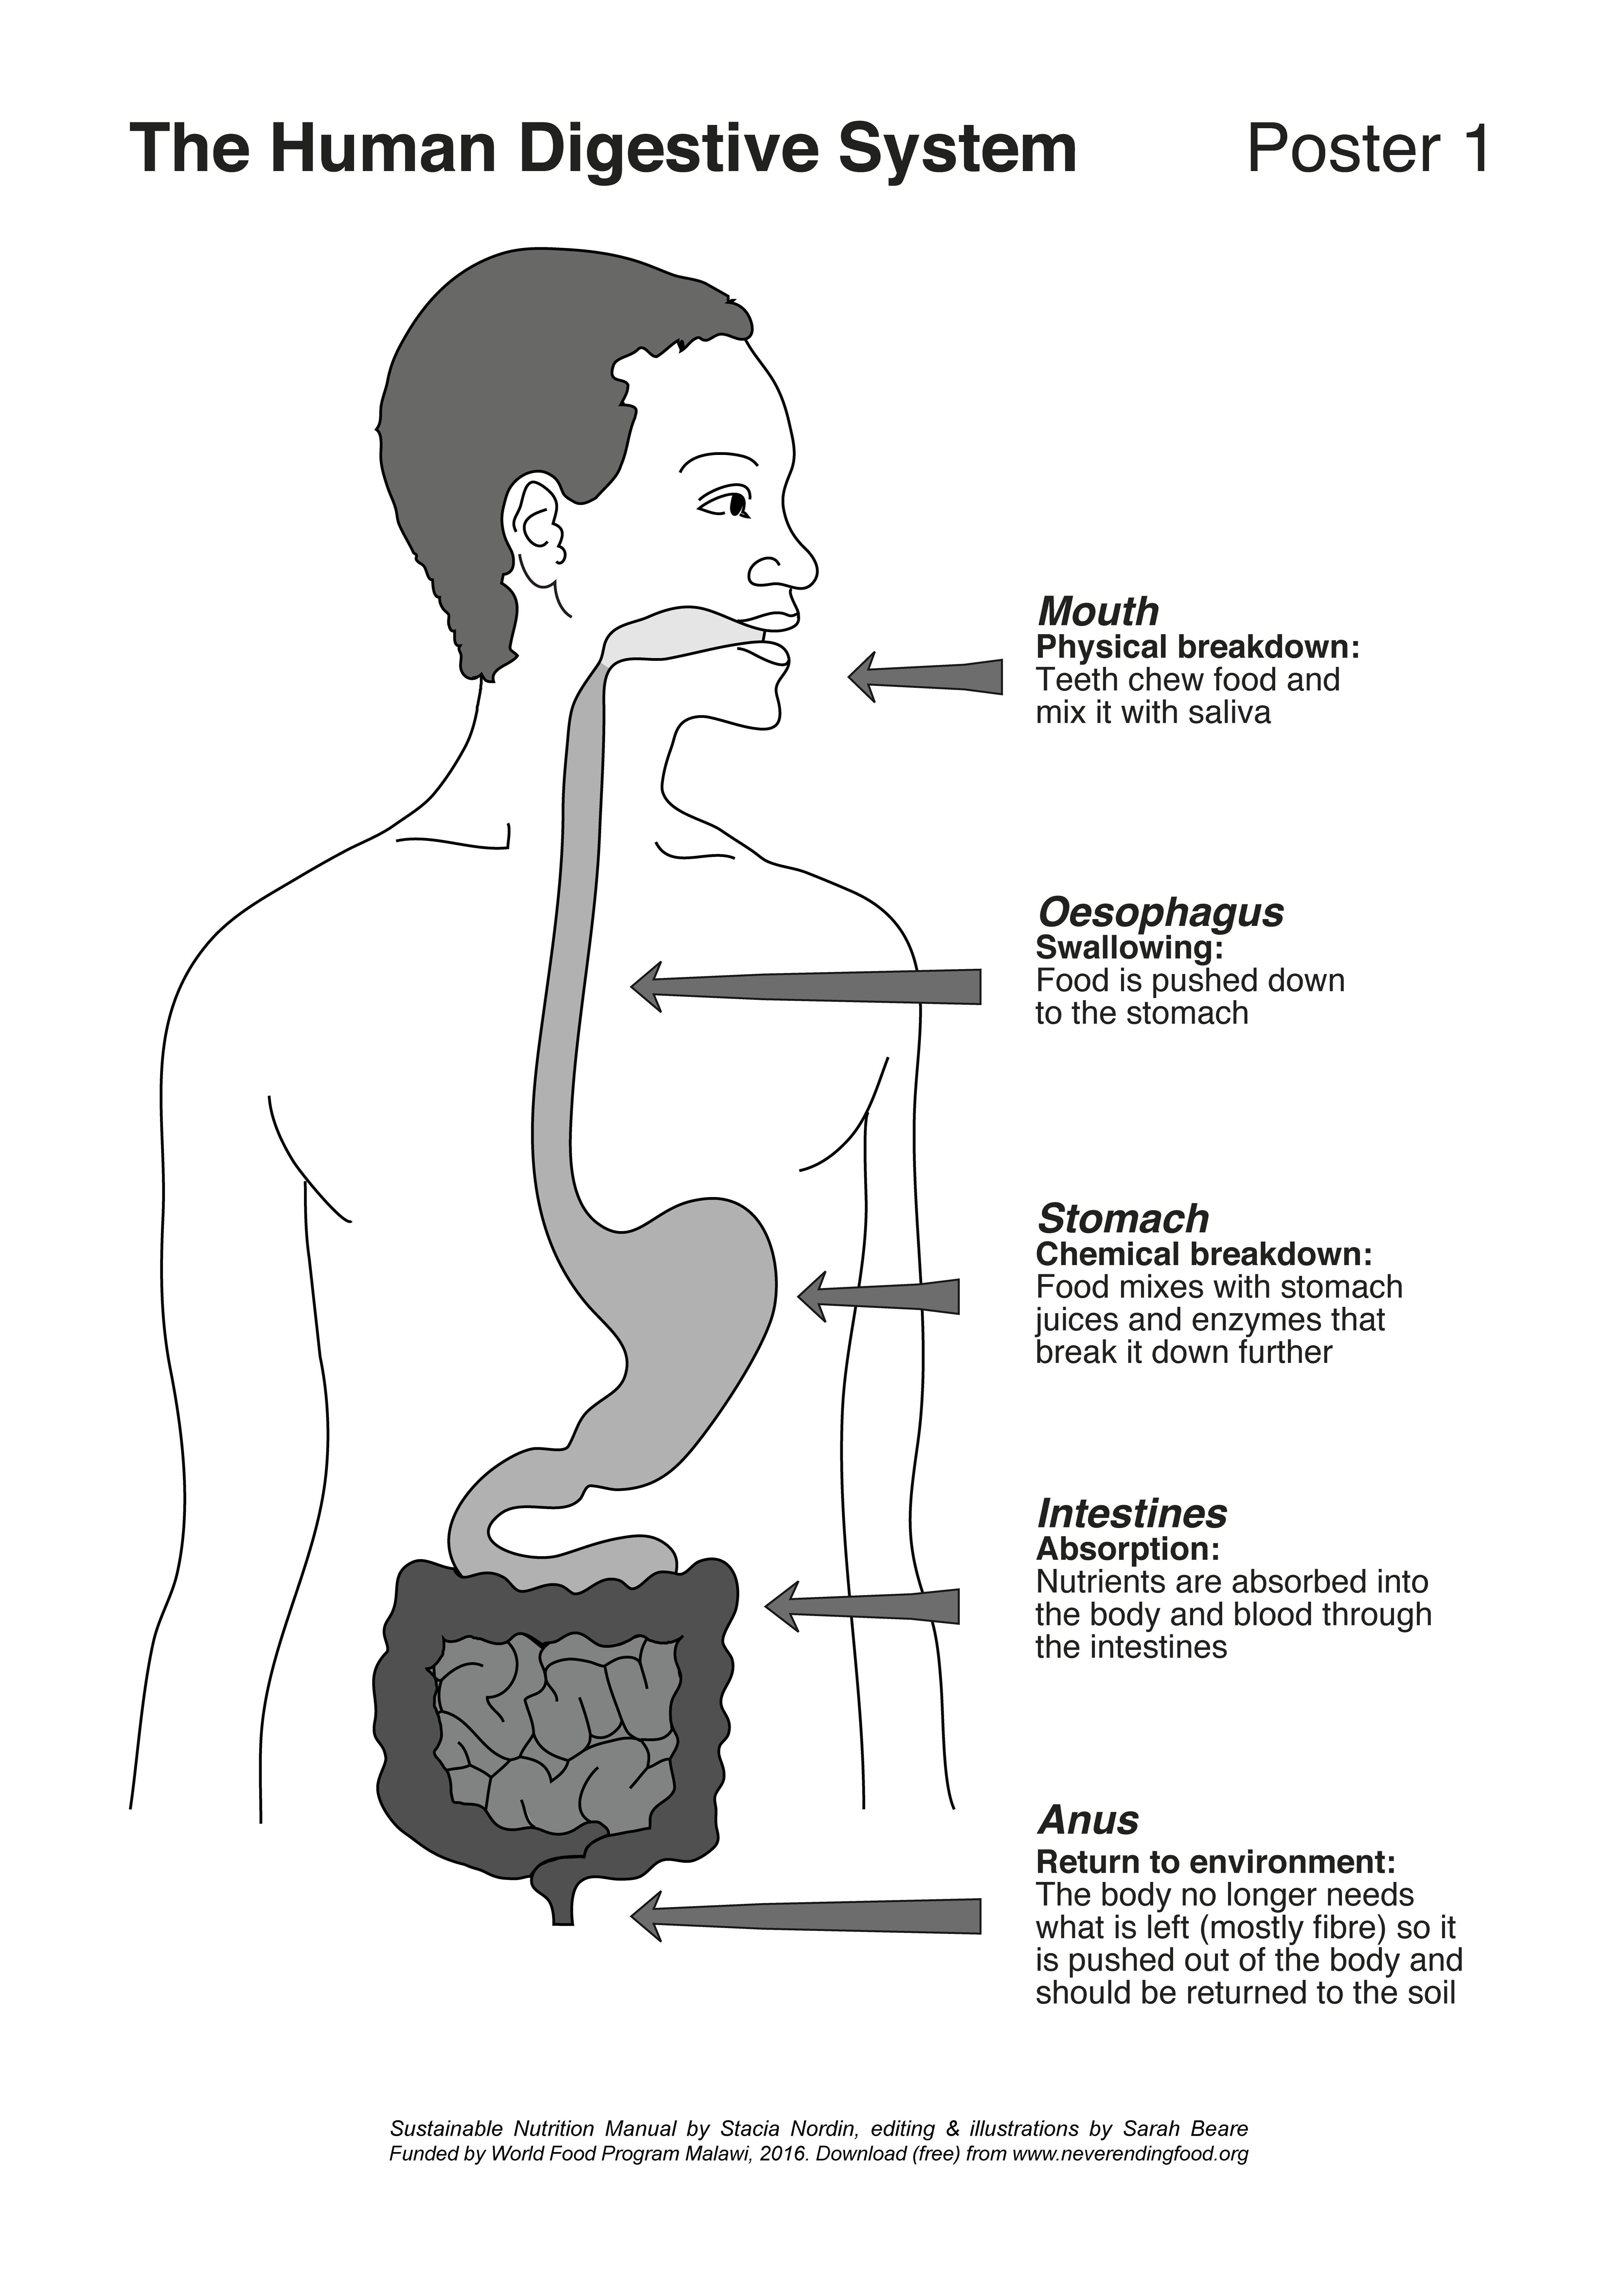 Child U2019s Digestive System Manual Guide